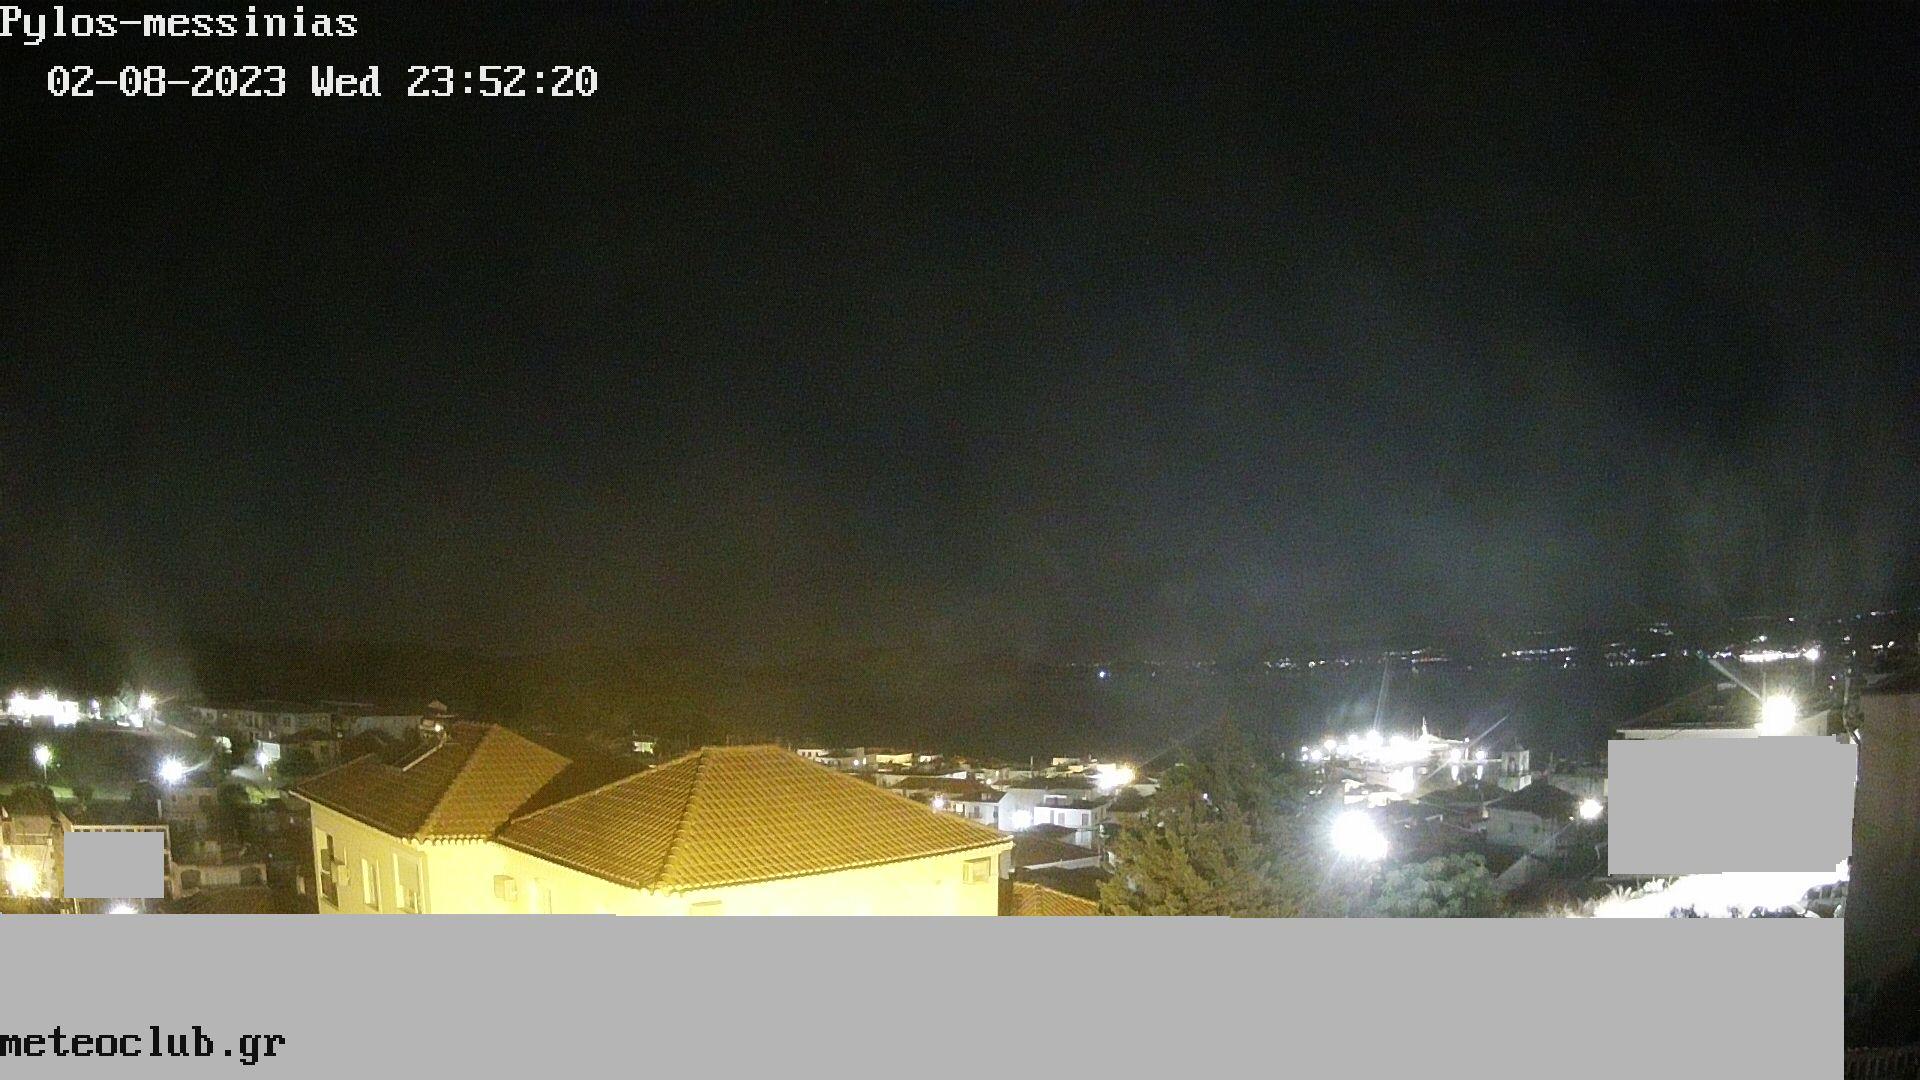 Webcam Pylos